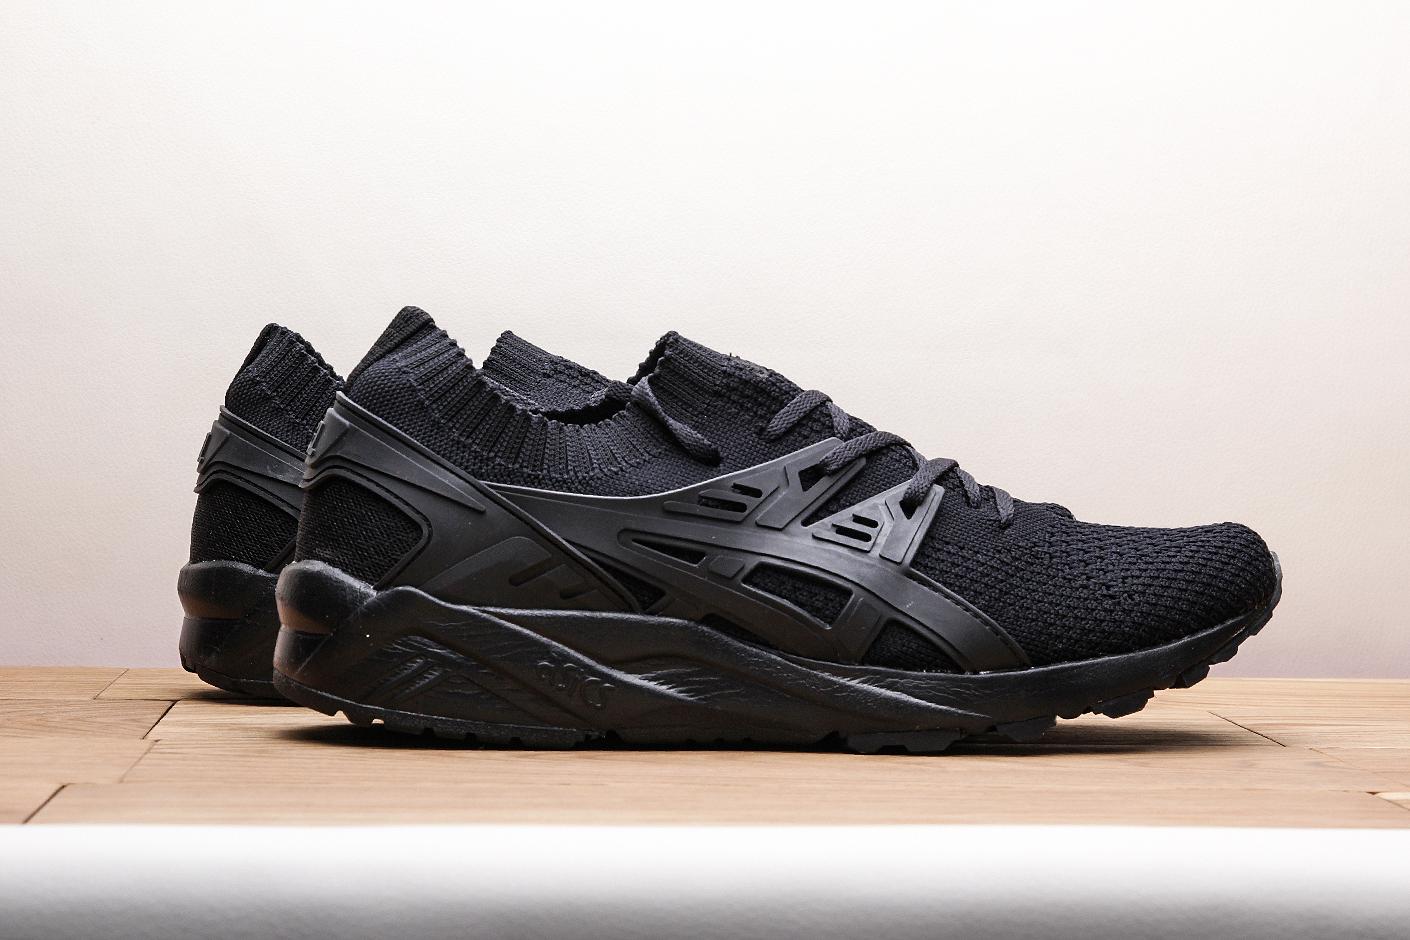 d0e2d86264f ... Купить мужские черные кроссовки ASICS Gel-Kayano Trainer Knit - фото 2  картинки ...